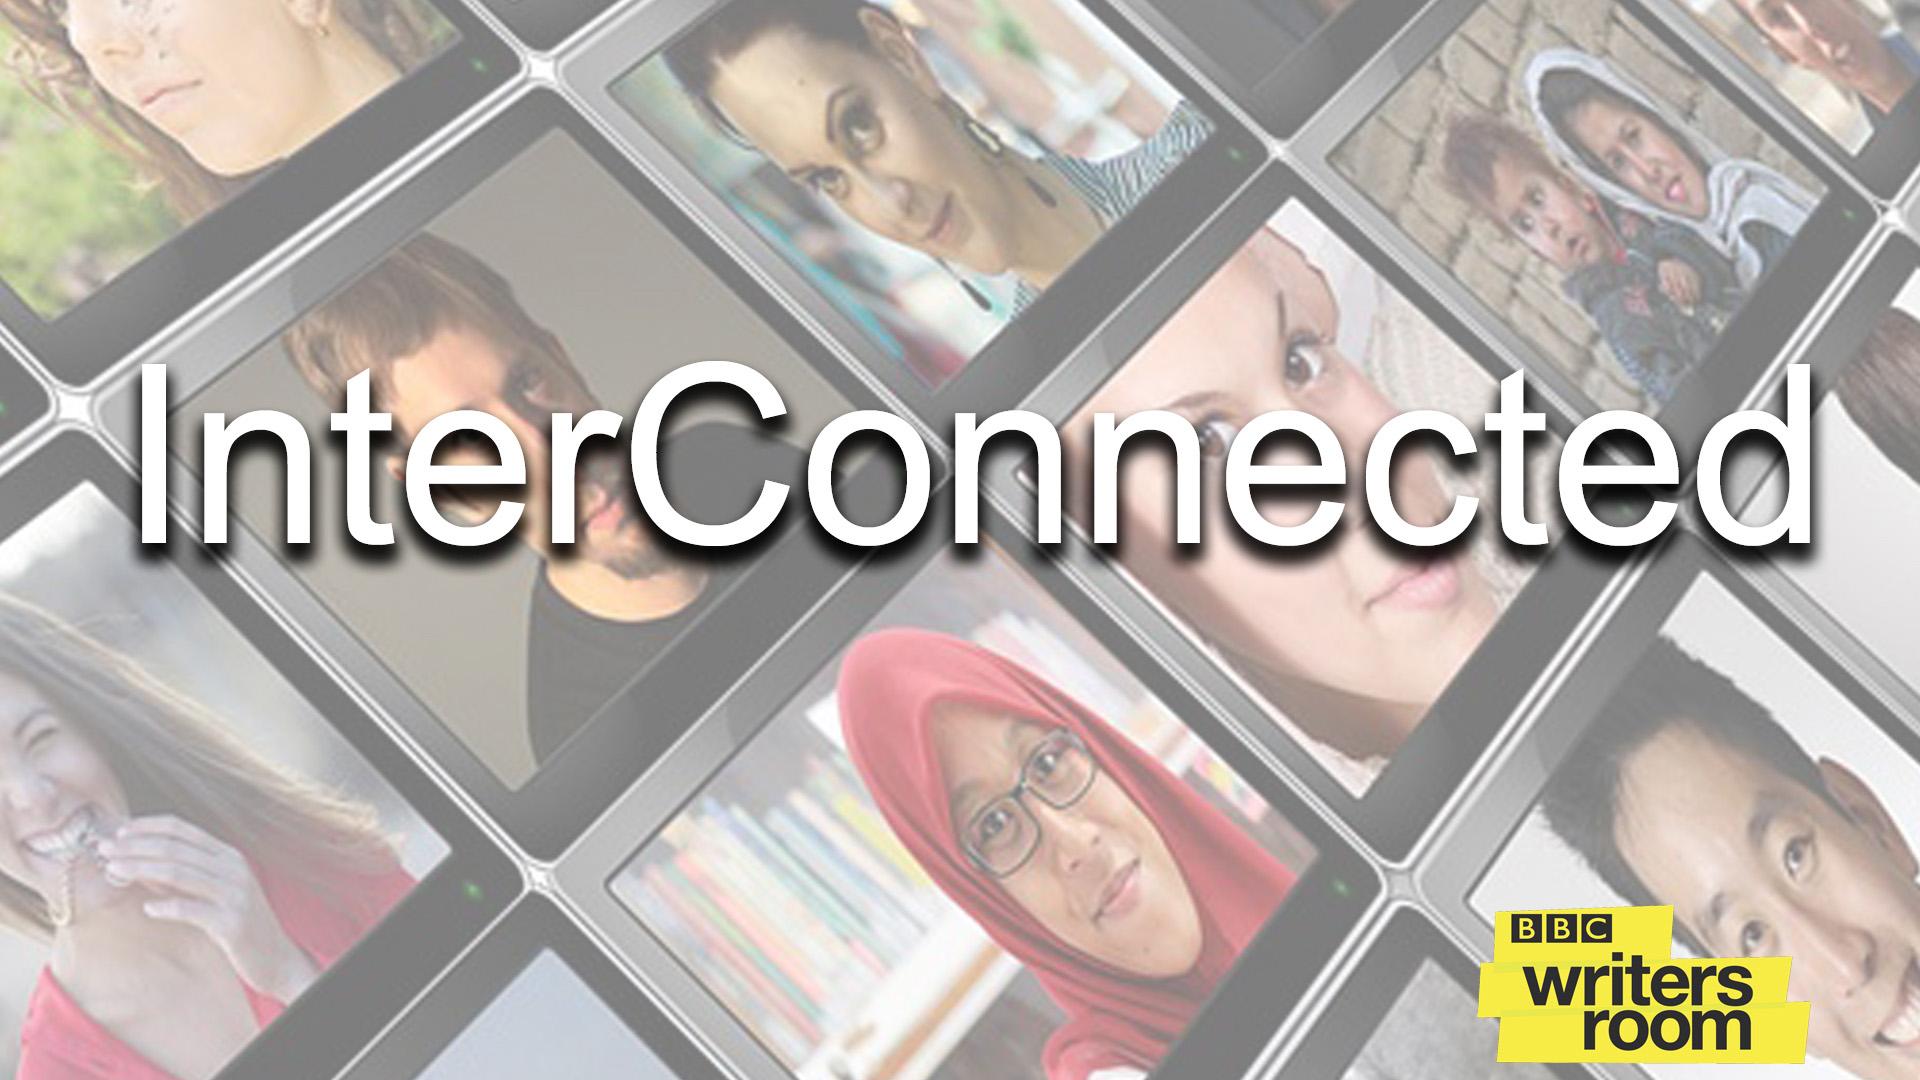 """La BBC apoya a los escritores - Concurso de guiones """"InterConnected"""""""